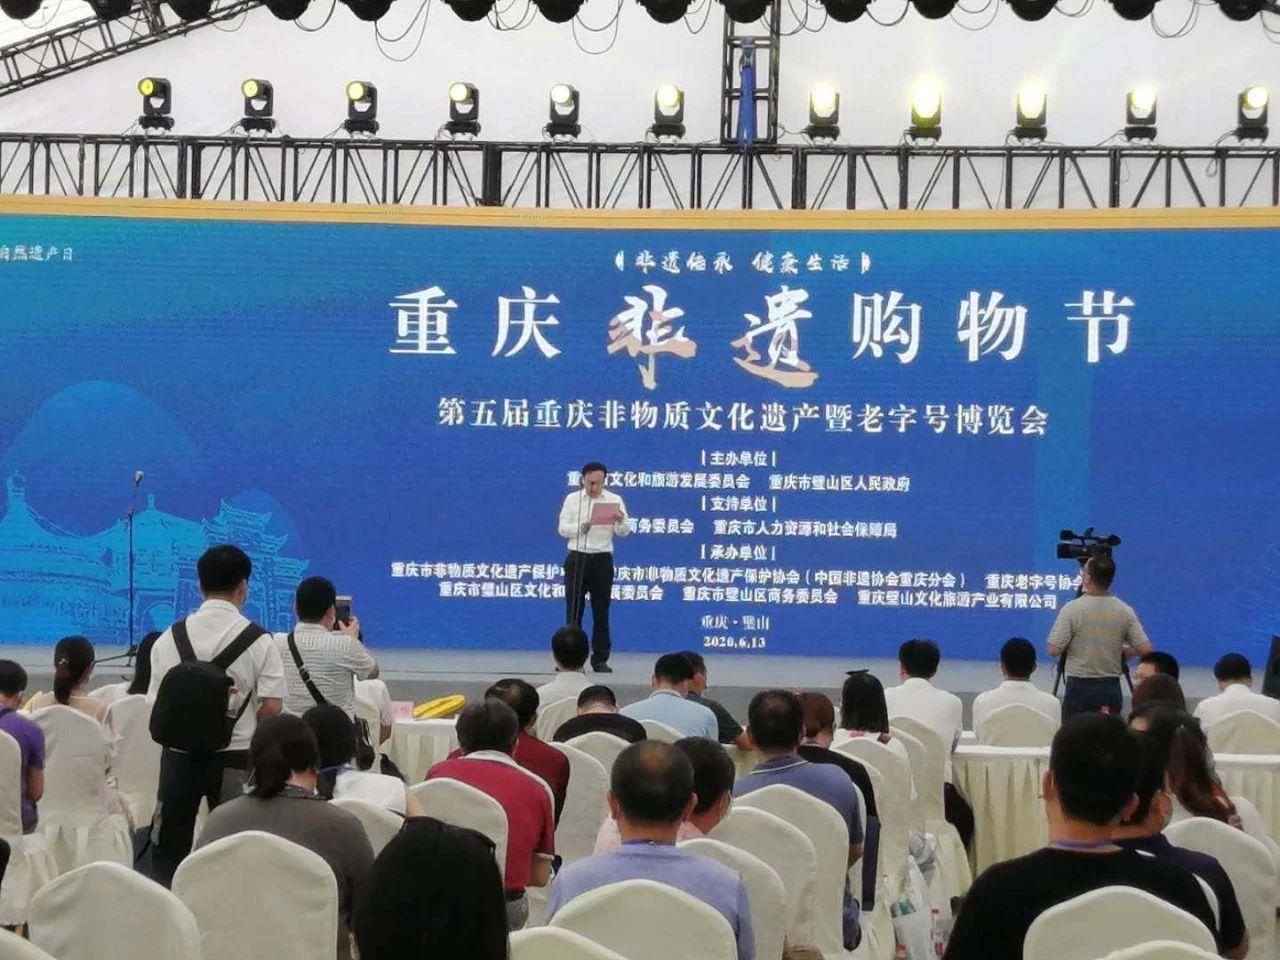 小镇有故事,让文化遗产与生活相遇---重庆ManBetx体育药业走进第五届重庆非遗暨老字号博览会